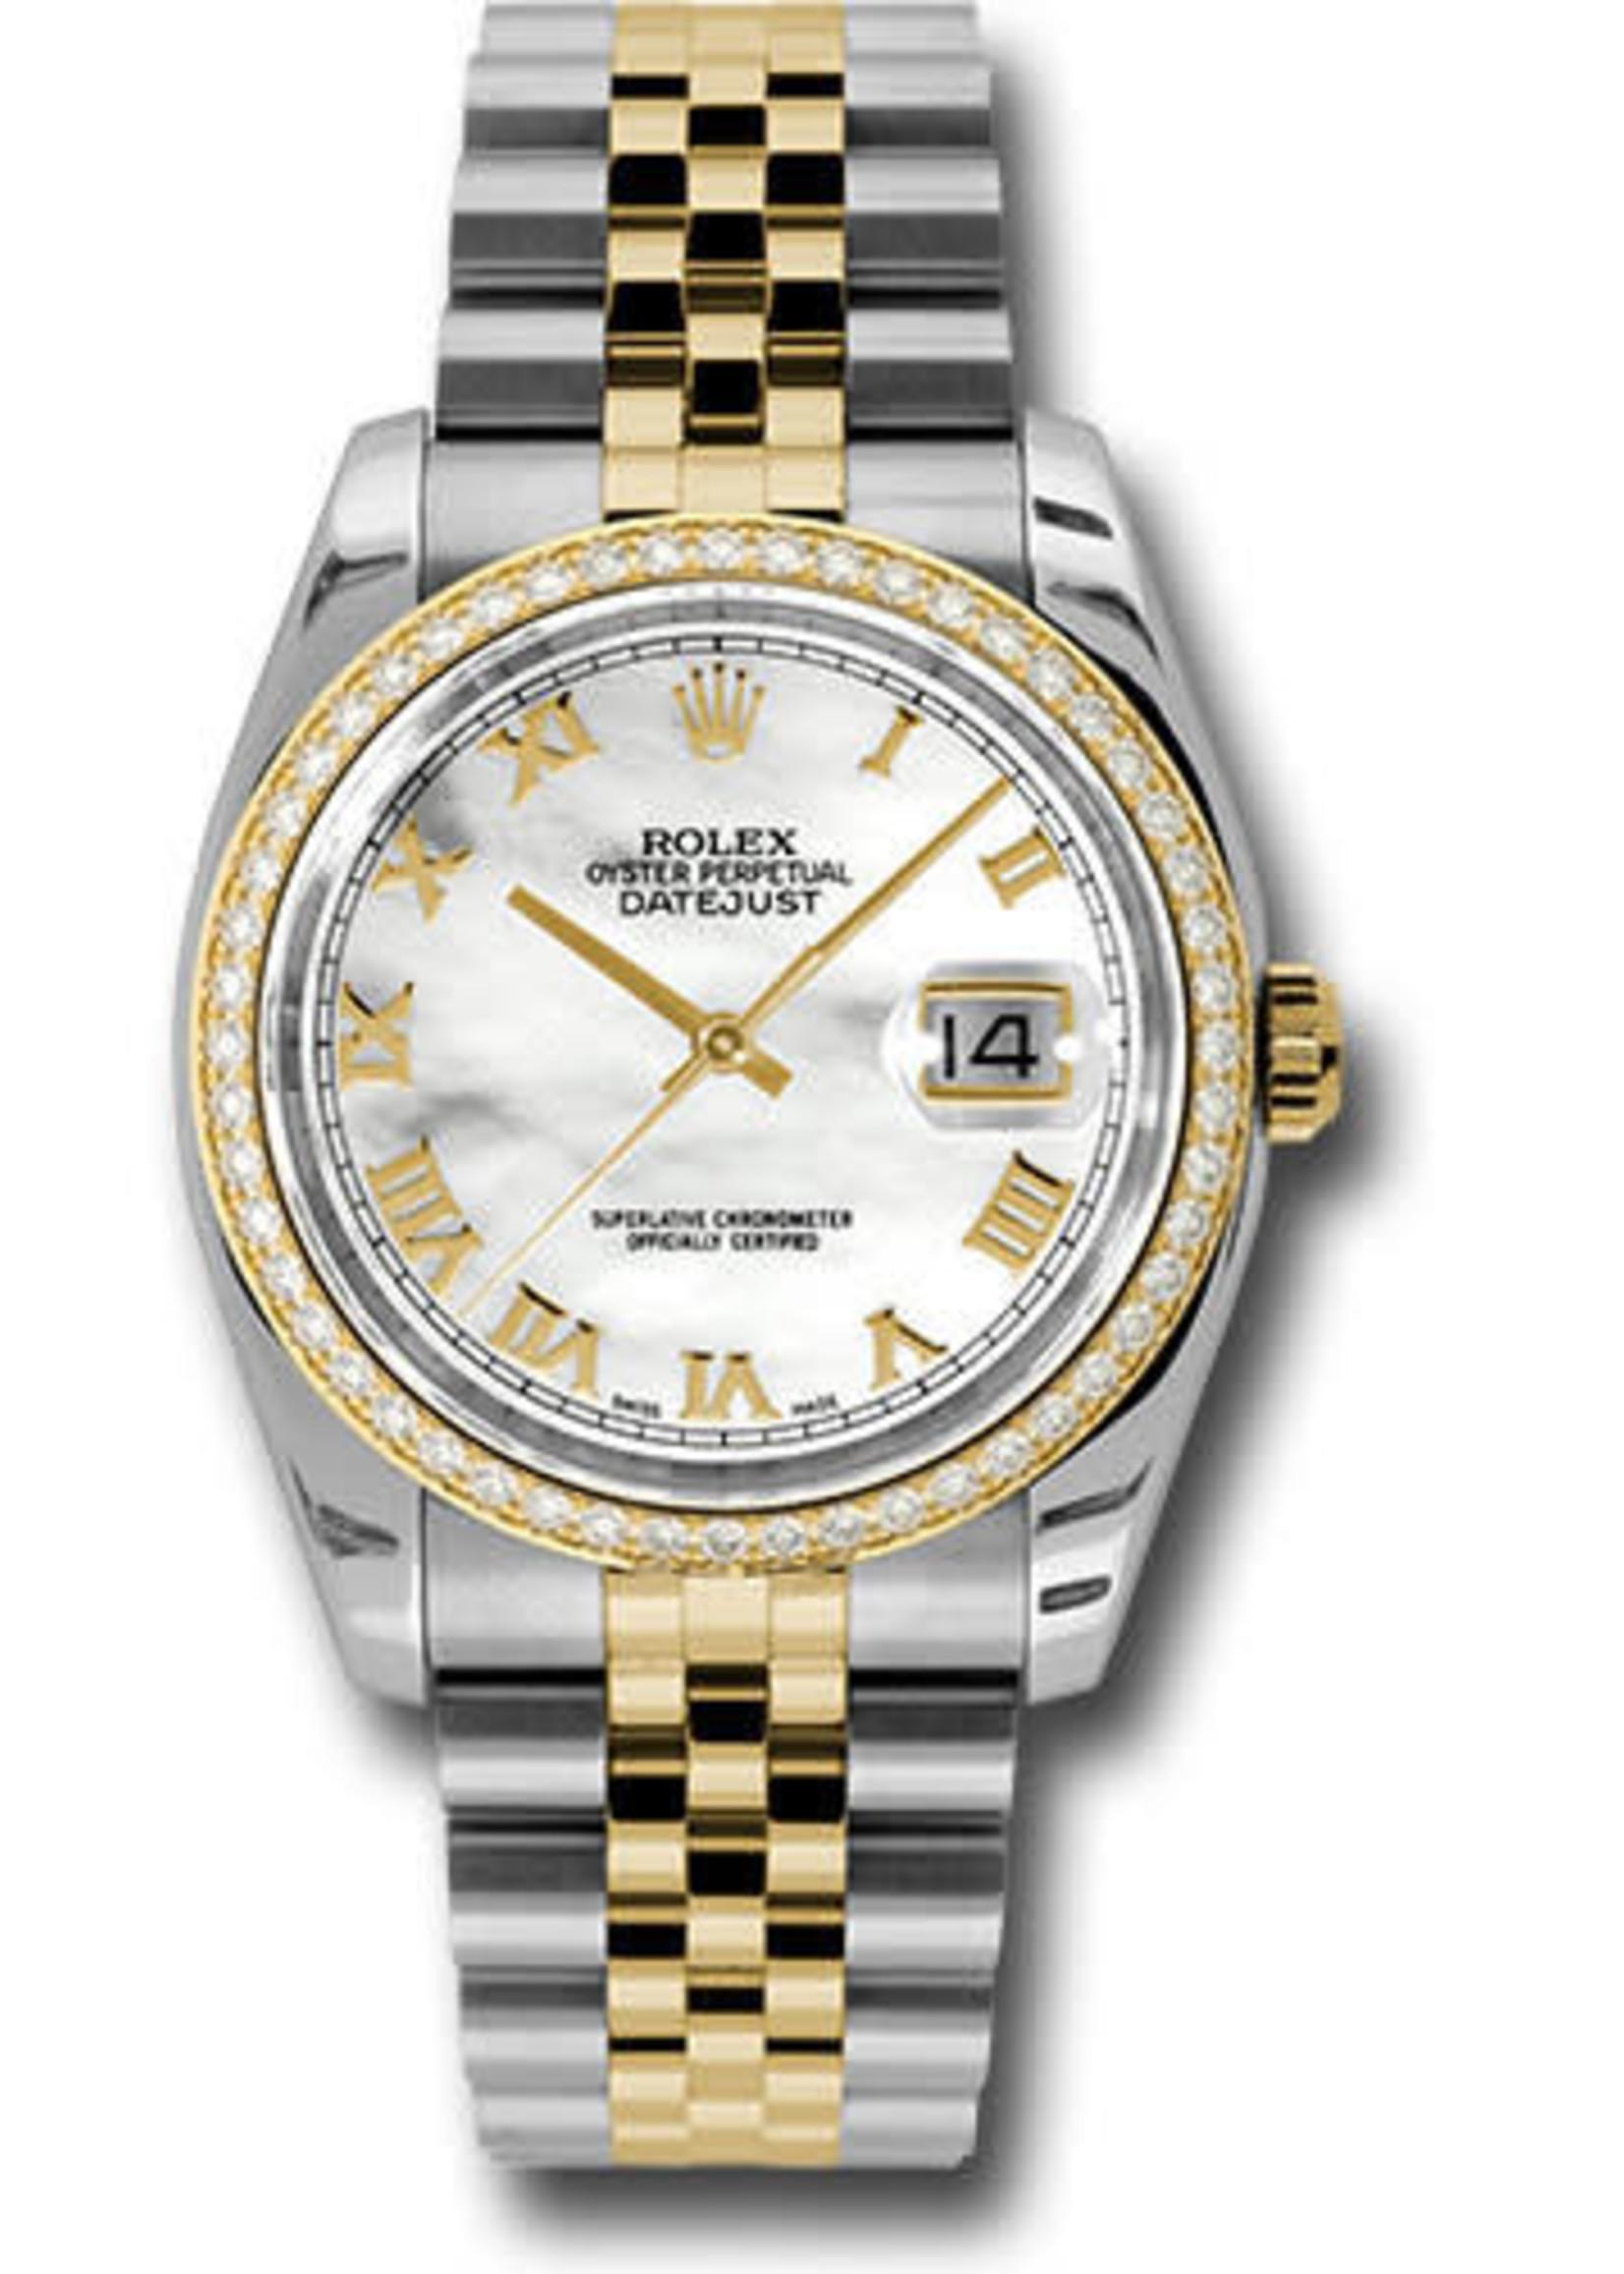 Rolex Rolex Datejust #16233 36MM (1996)